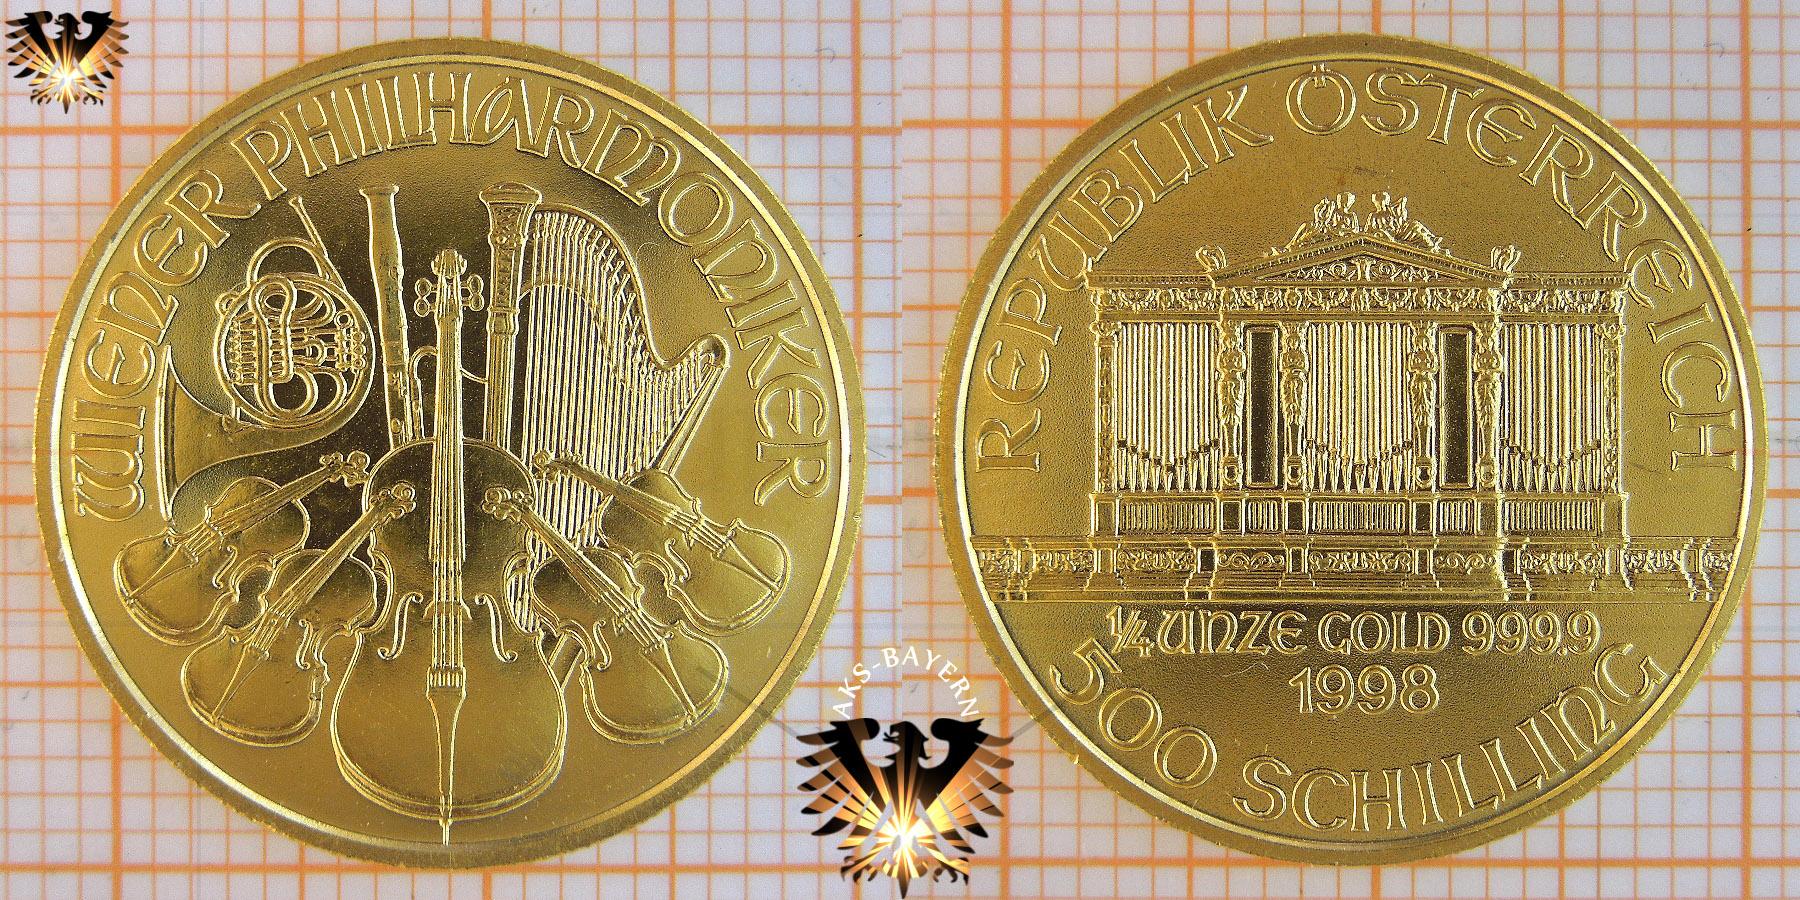 500 Schilling österreich 1998 Wiener Philharmoniker Viertel Unze